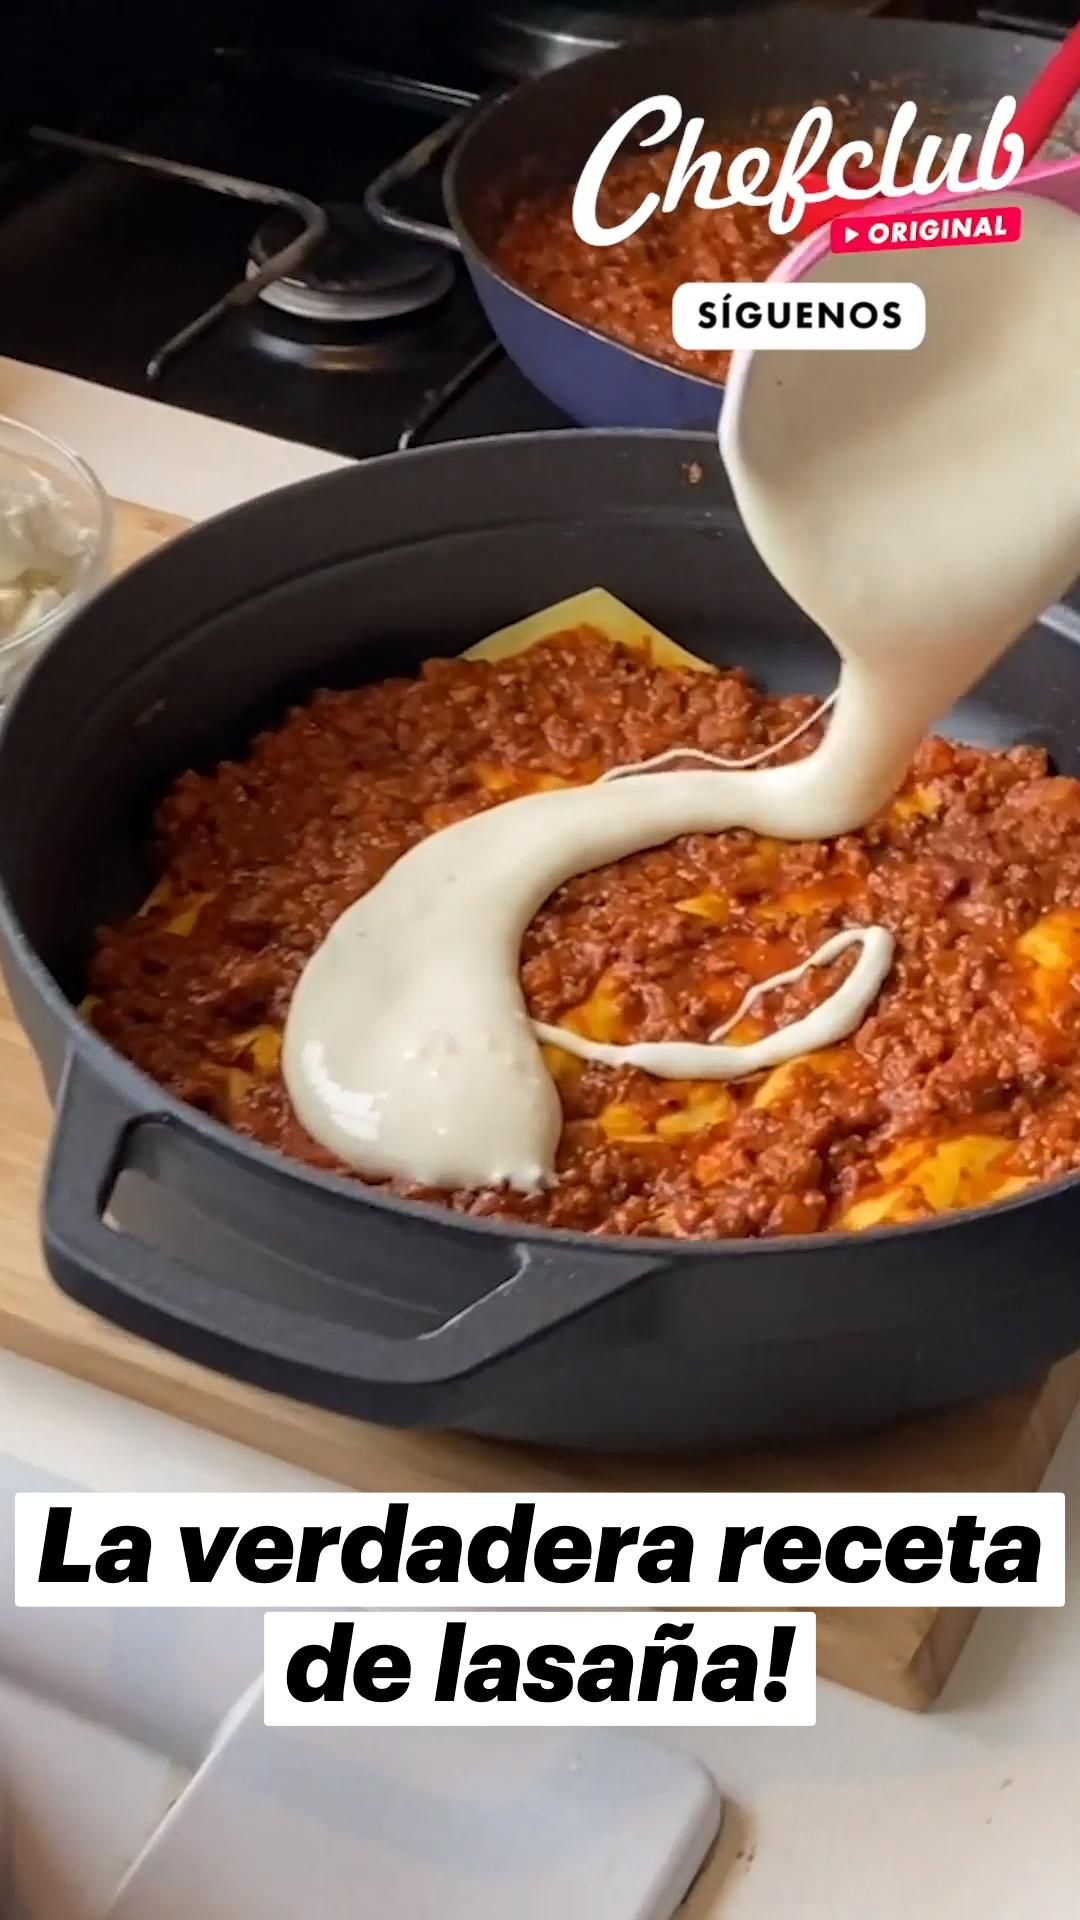 La verdadera receta de lasaña!